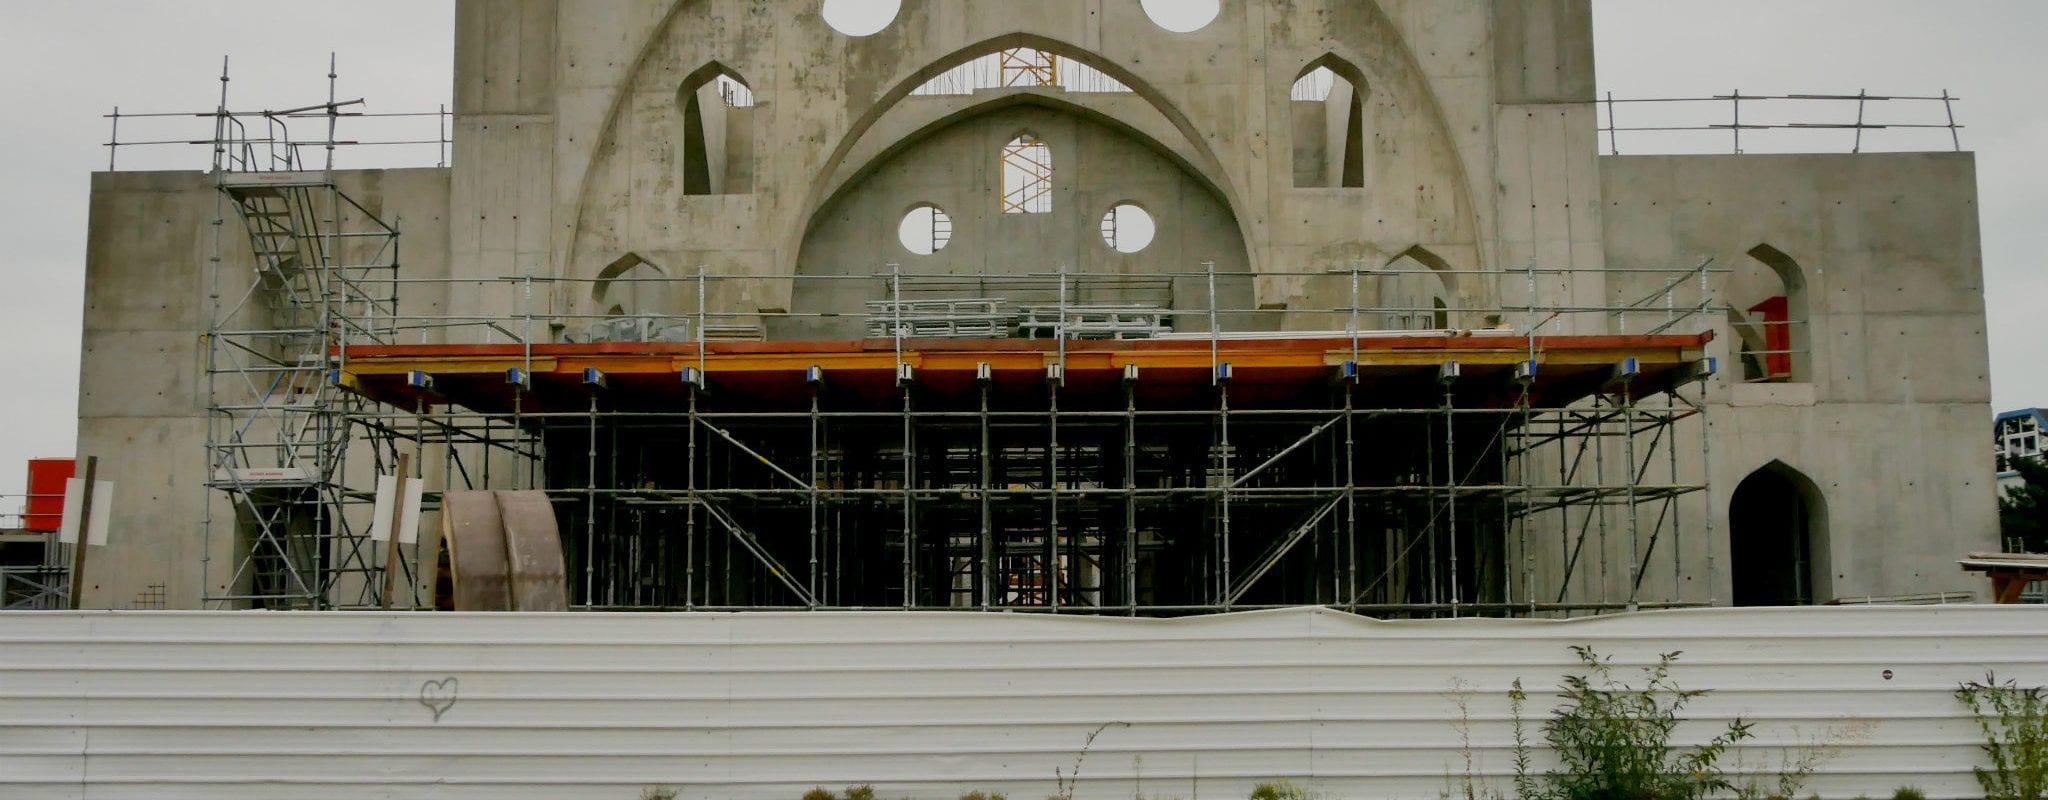 Le chantier de la mosquée Eyyub Sultan à l'arrêt